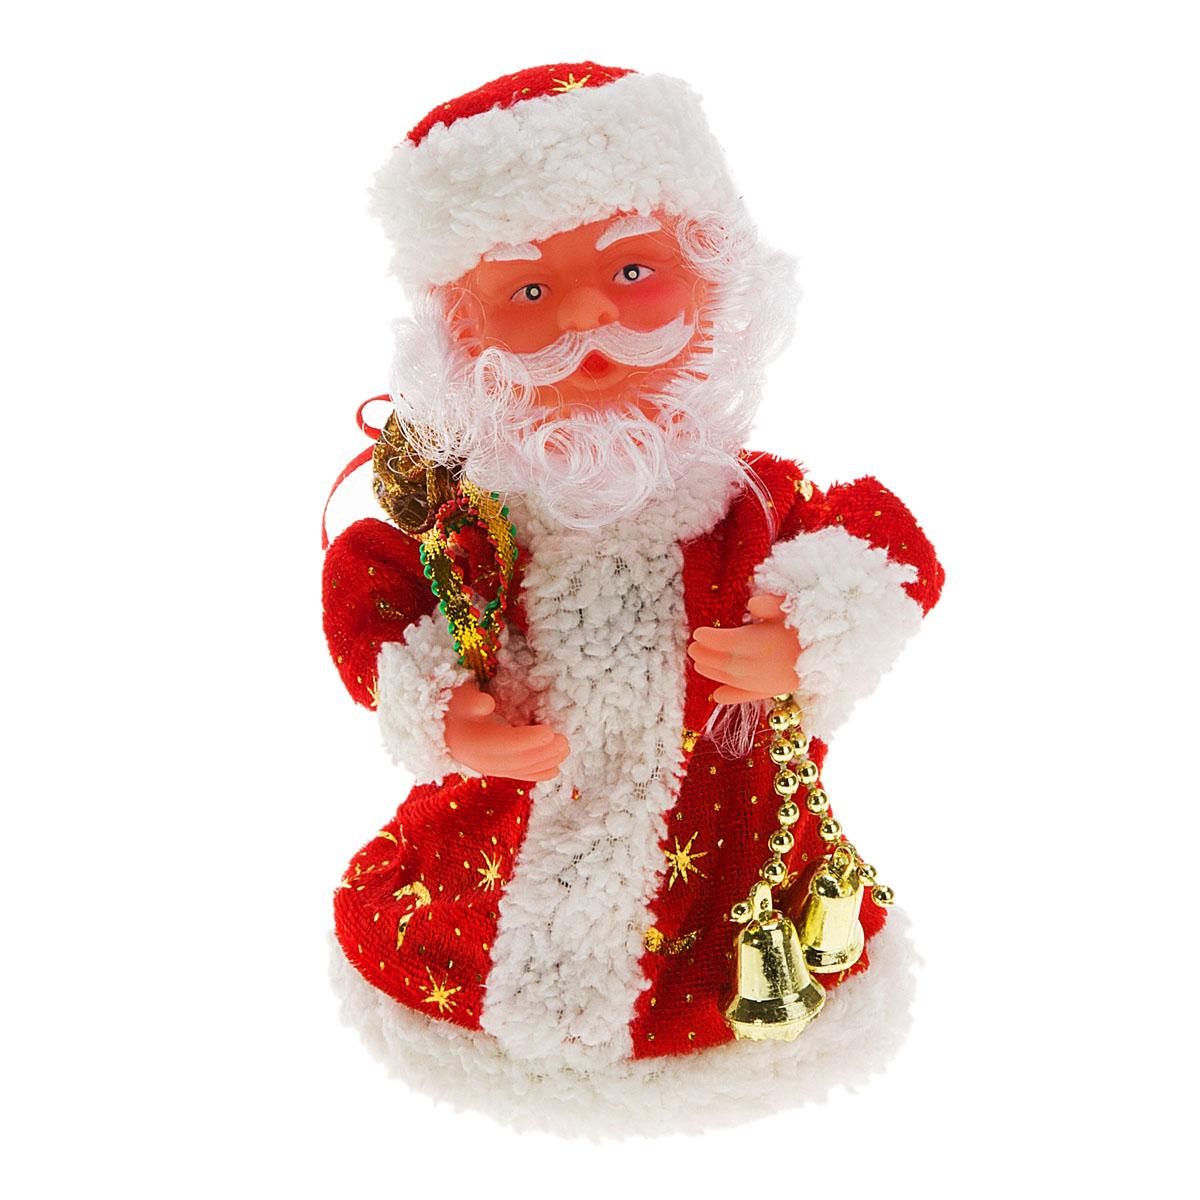 Новогодняя декоративная фигурка Sima-land Дед Мороз, анимированная, высота 18 см. 827789827789Новогодняя декоративная фигурка выполнена из высококачественного пластика в виде Деда Мороза. Дед Мороз одет в шубу с опушкой. На голове колпак в цвет шубы. В одной руке Дед Мороз держит мешок с подарками, а в другой - связку колокольчиков. Особенностью фигурки является наличие механизма, при включении которого играет мелодия, кукла начинает кружиться и двигаться, шевеля руками и головой. Его добрый вид и очаровательная улыбка притягивают к себе восторженные взгляды. Декоративная фигурка Дед Мороз подойдет для оформления новогоднего интерьера и принесет с собой атмосферу радости и веселья.